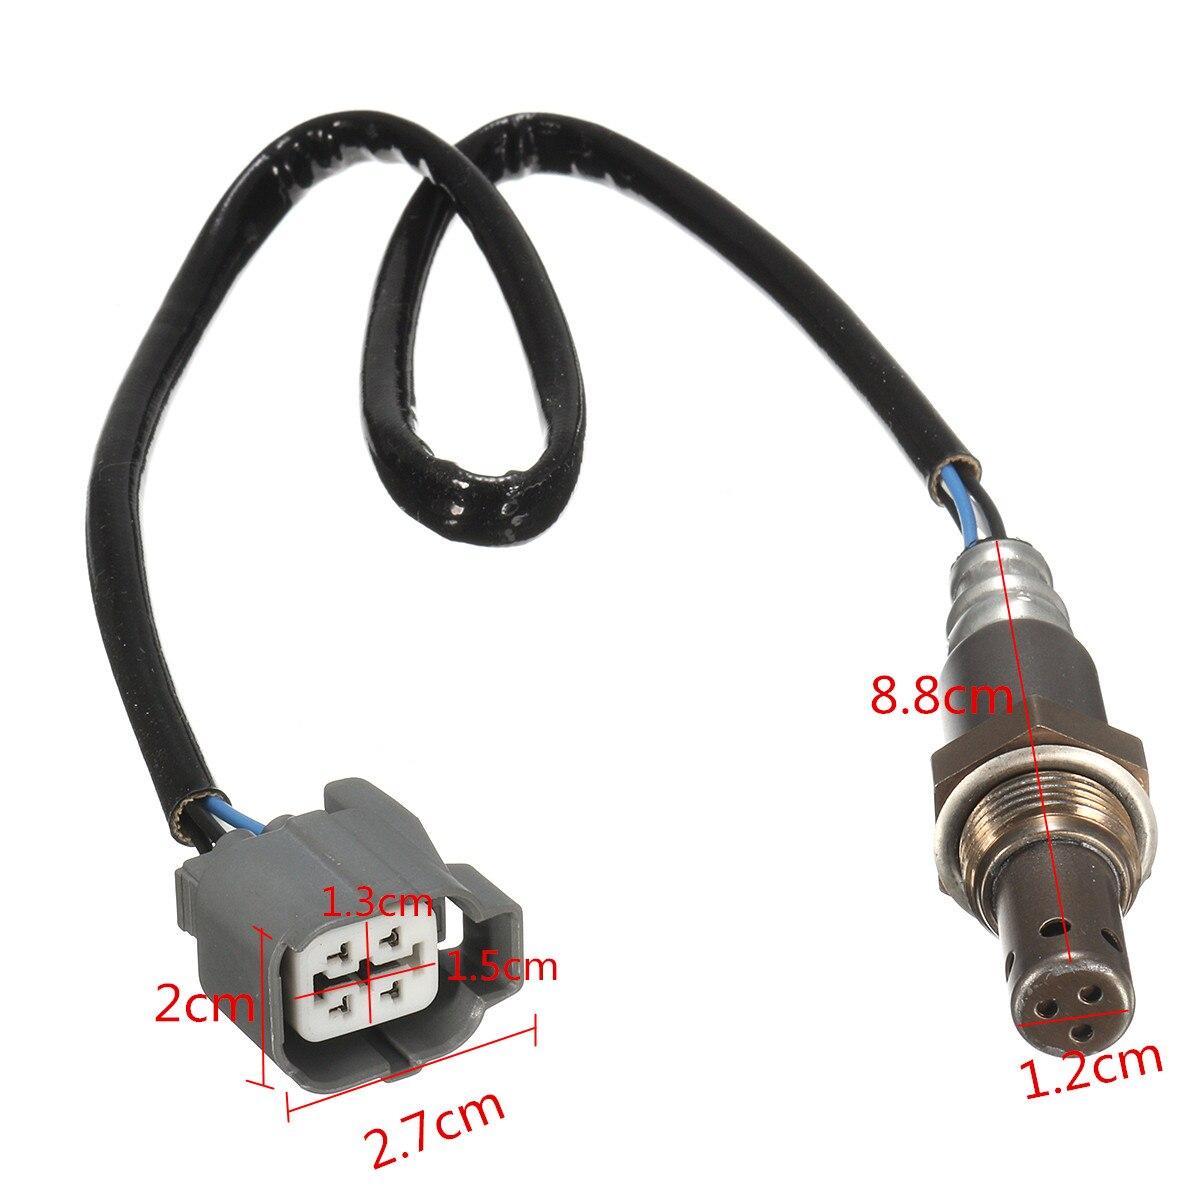 Berühmt Vier Draht O2 Sensor Bilder - Die Besten Elektrischen ...